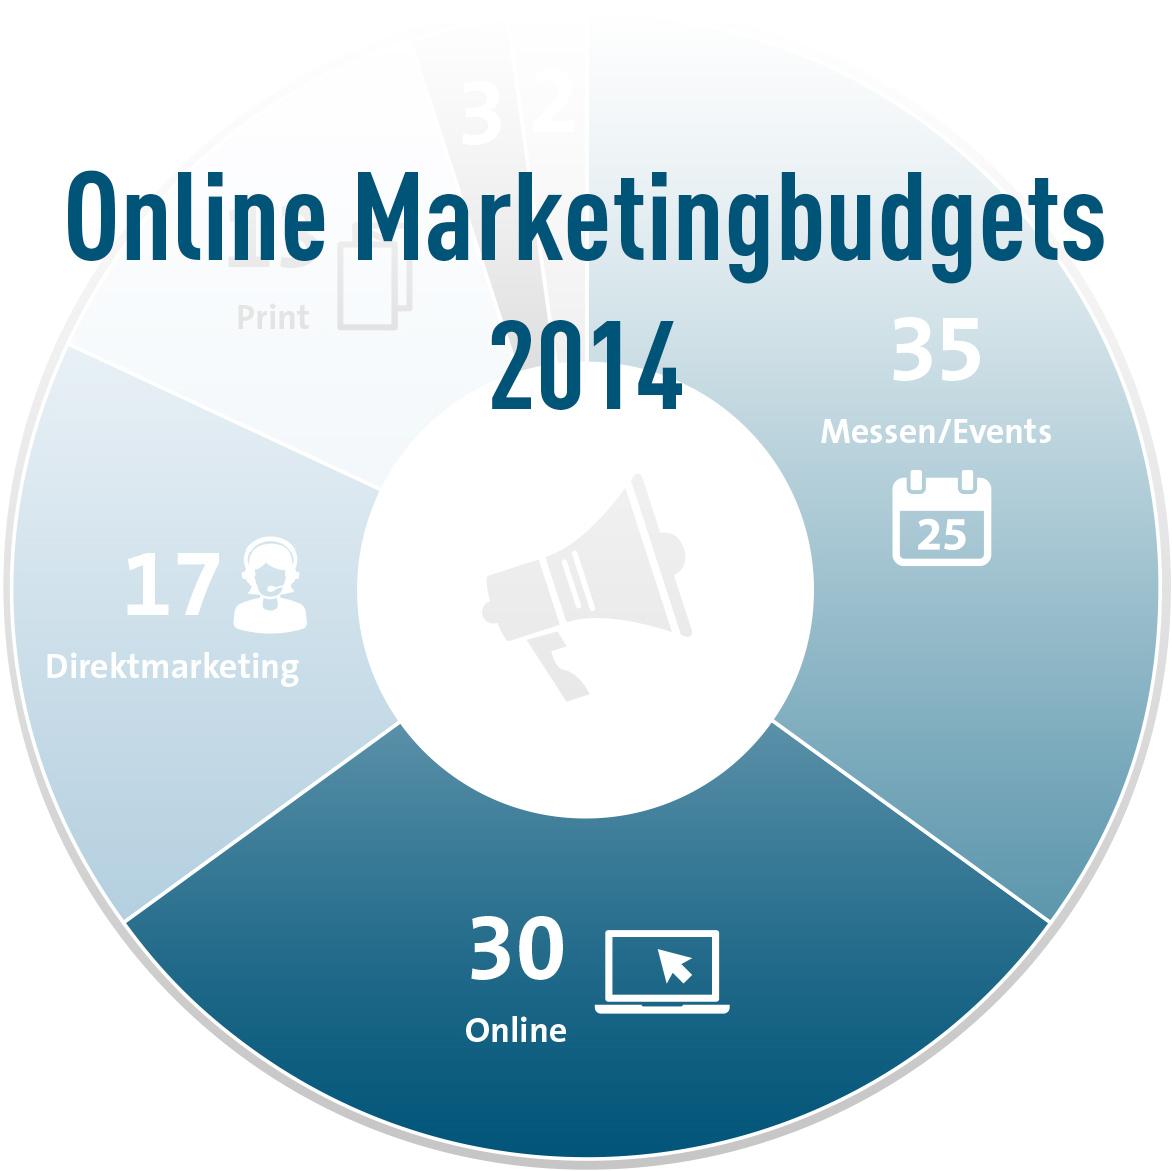 Verteilung der Online Marketingbudgets in 2014